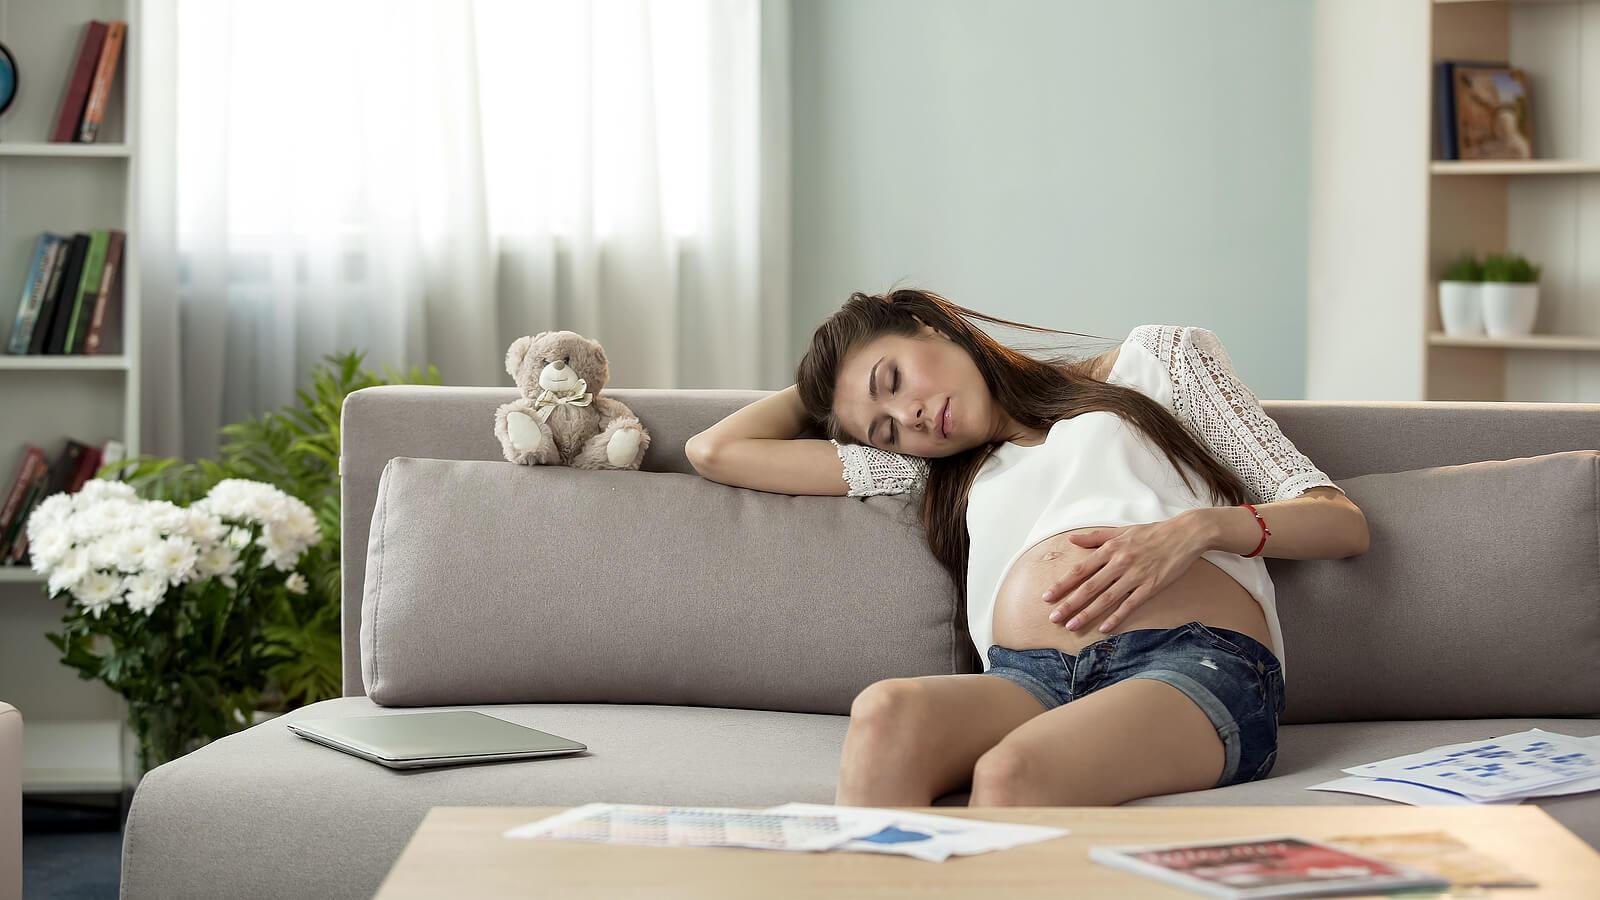 Mujer embarazada echándose una siesta en el sofá para mejorar el sueño durante el embarazo.